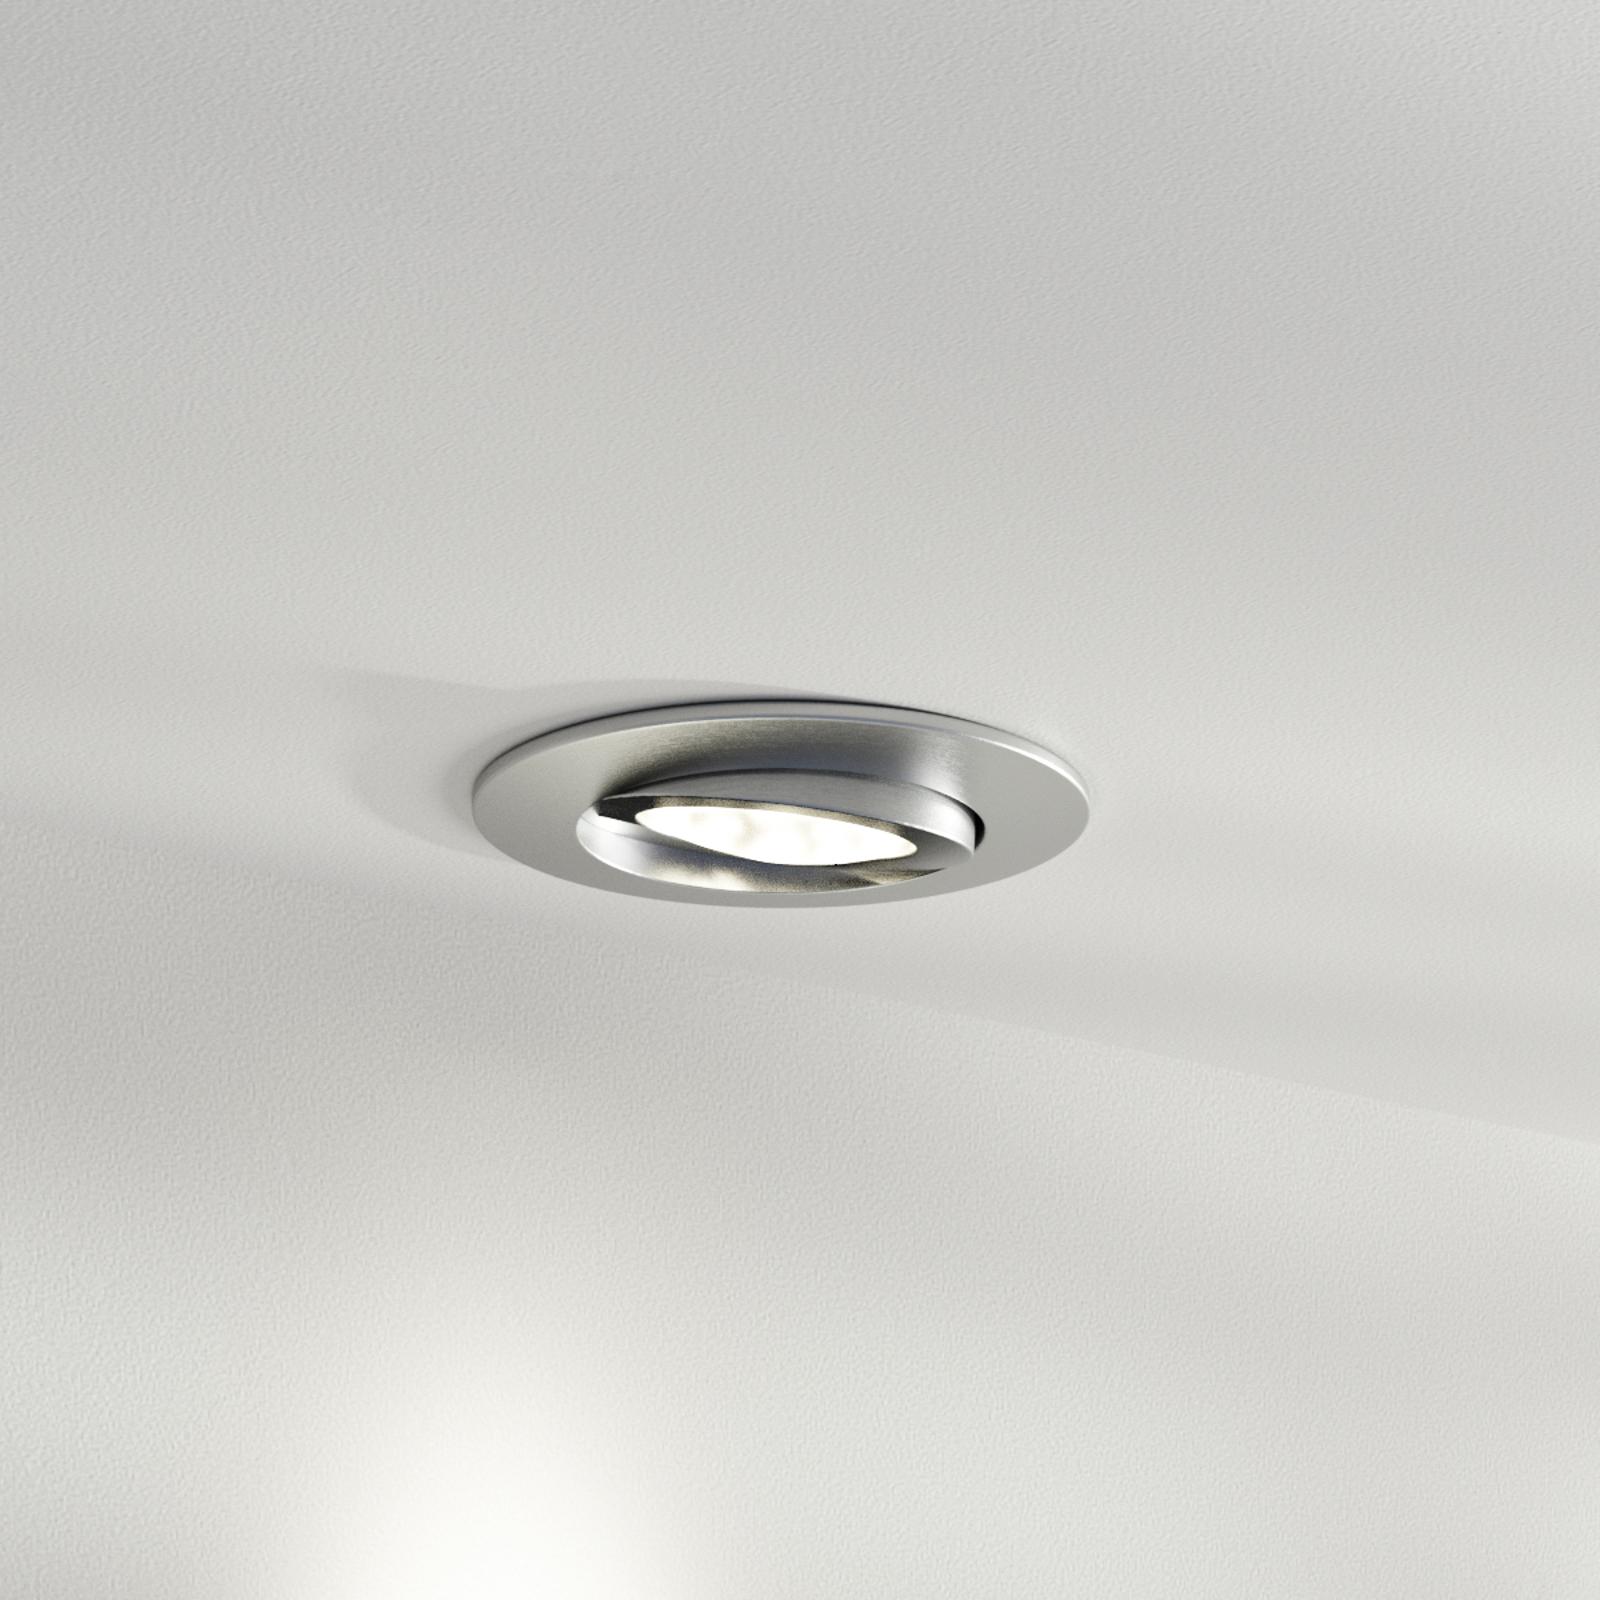 Faretto LED da incasso Zenit con IP44, nichel